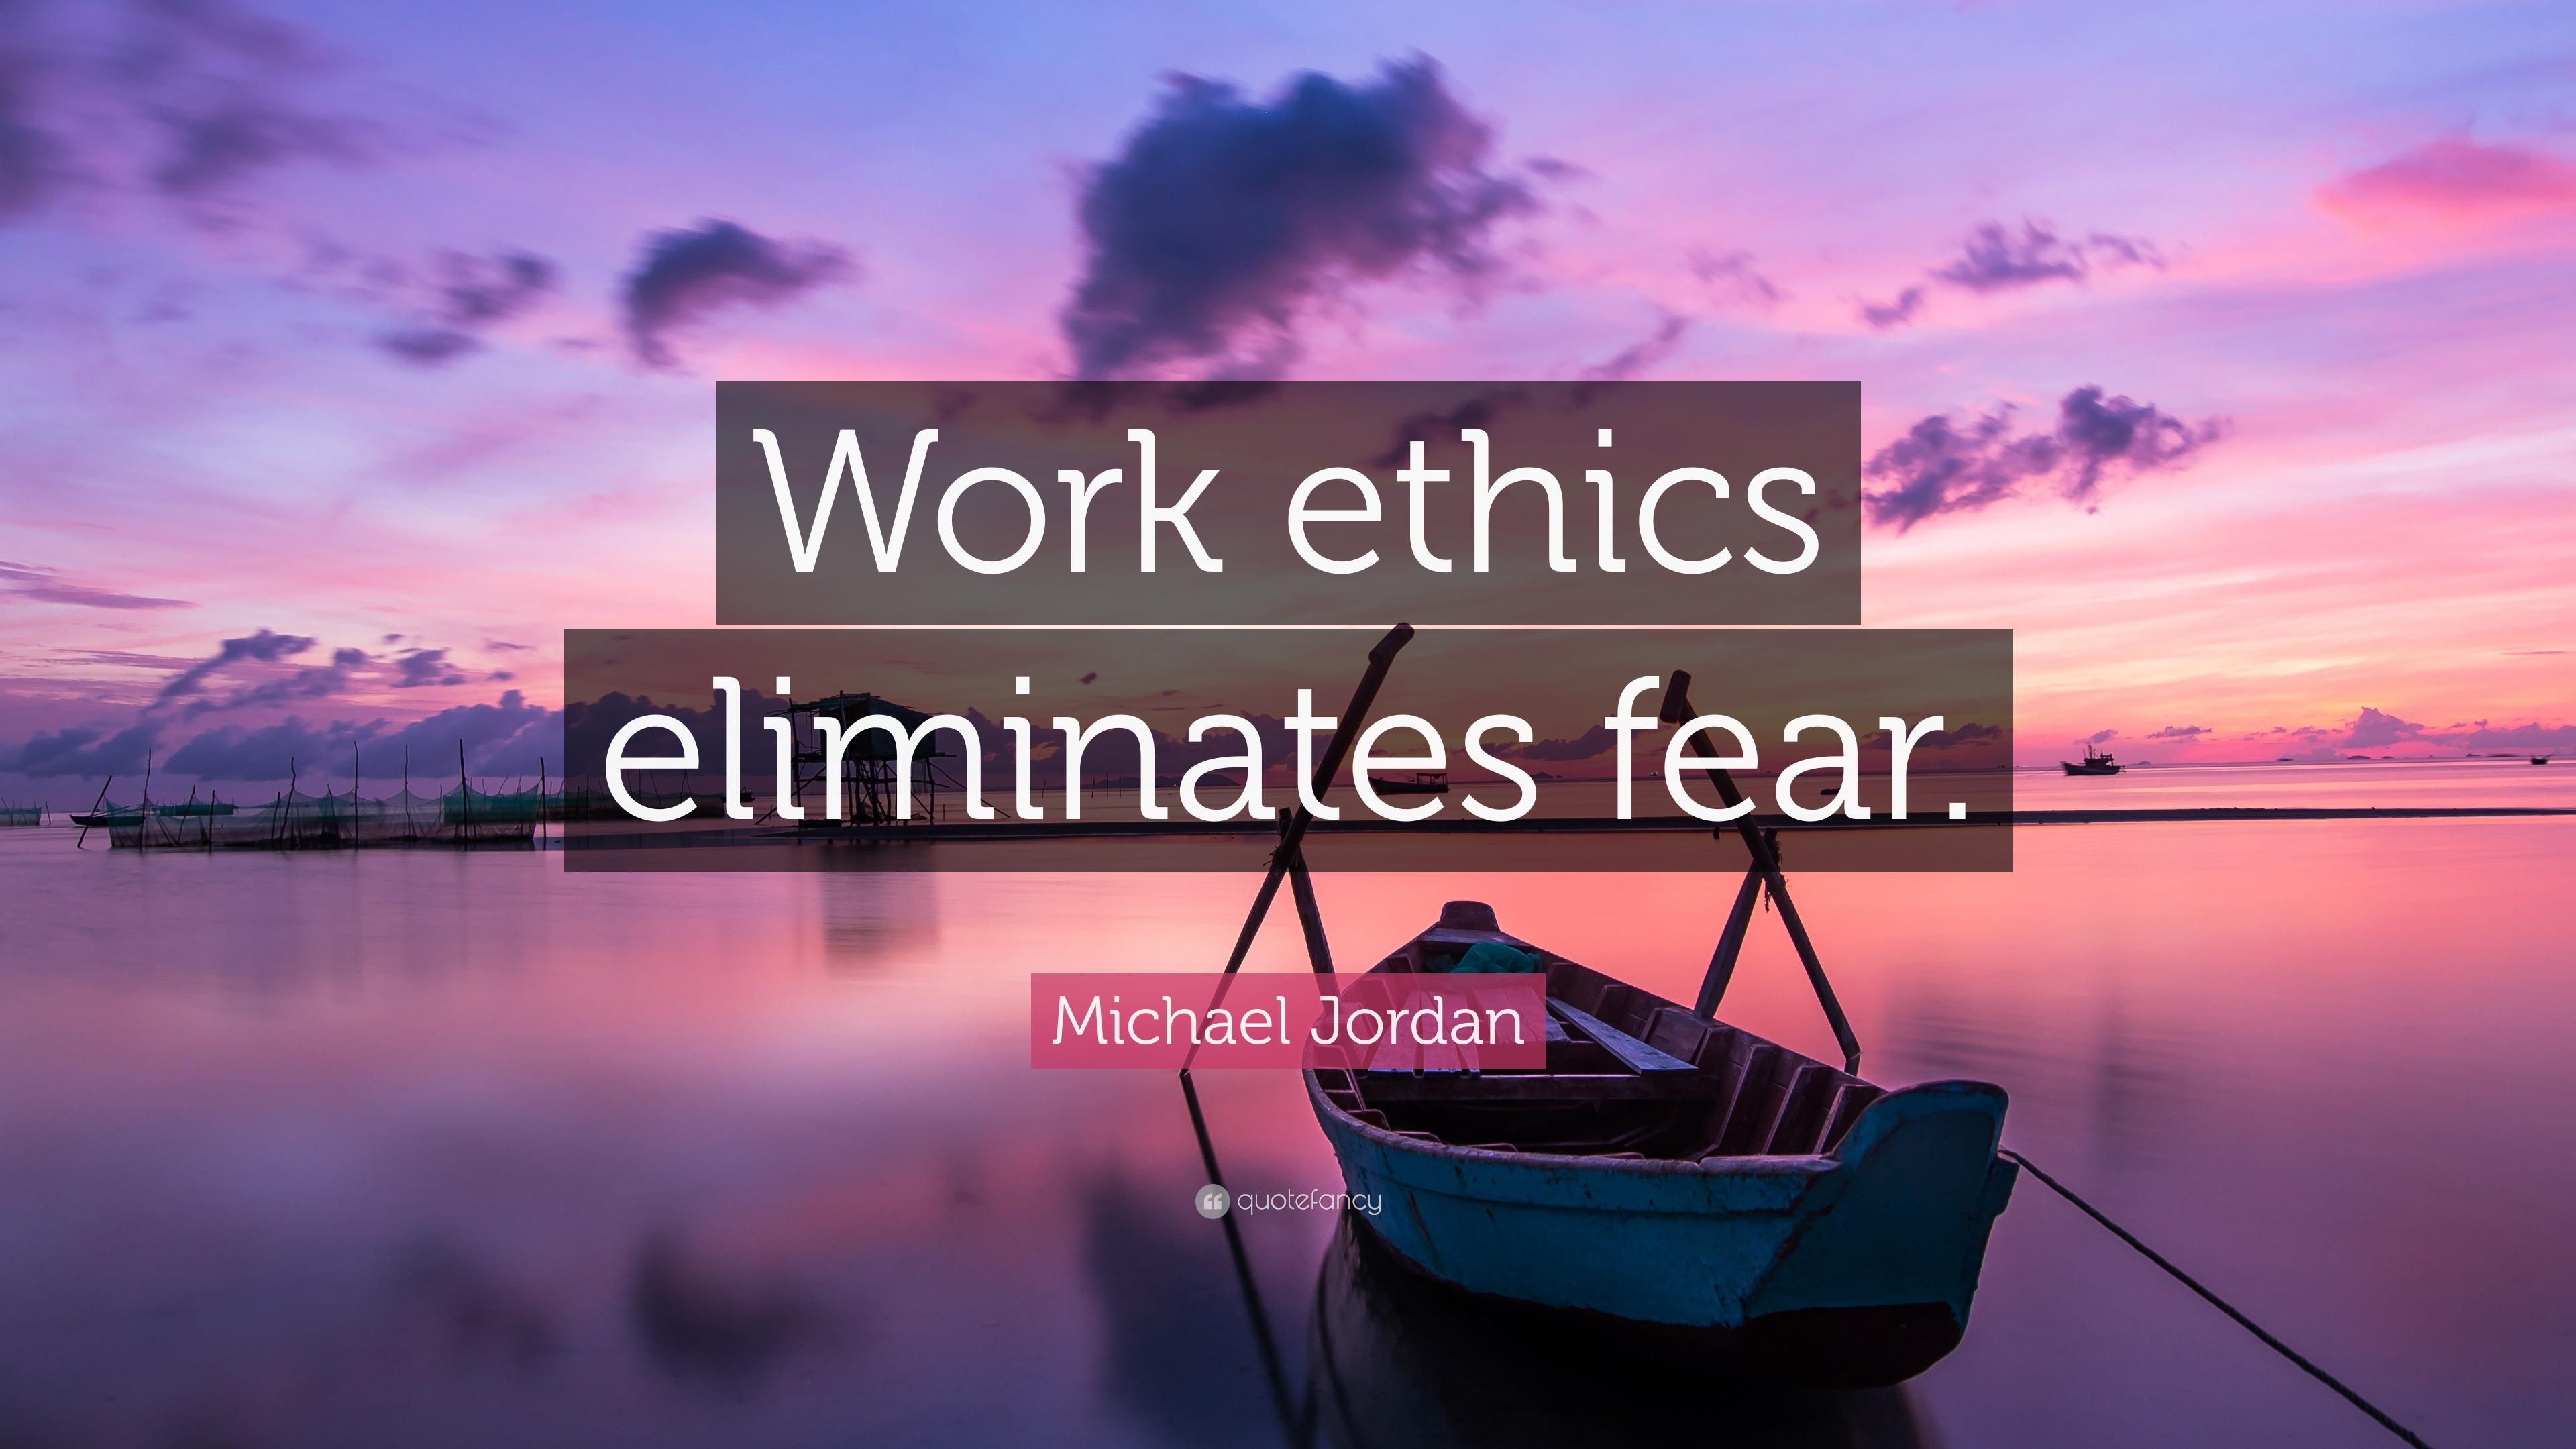 Essay on work ethics